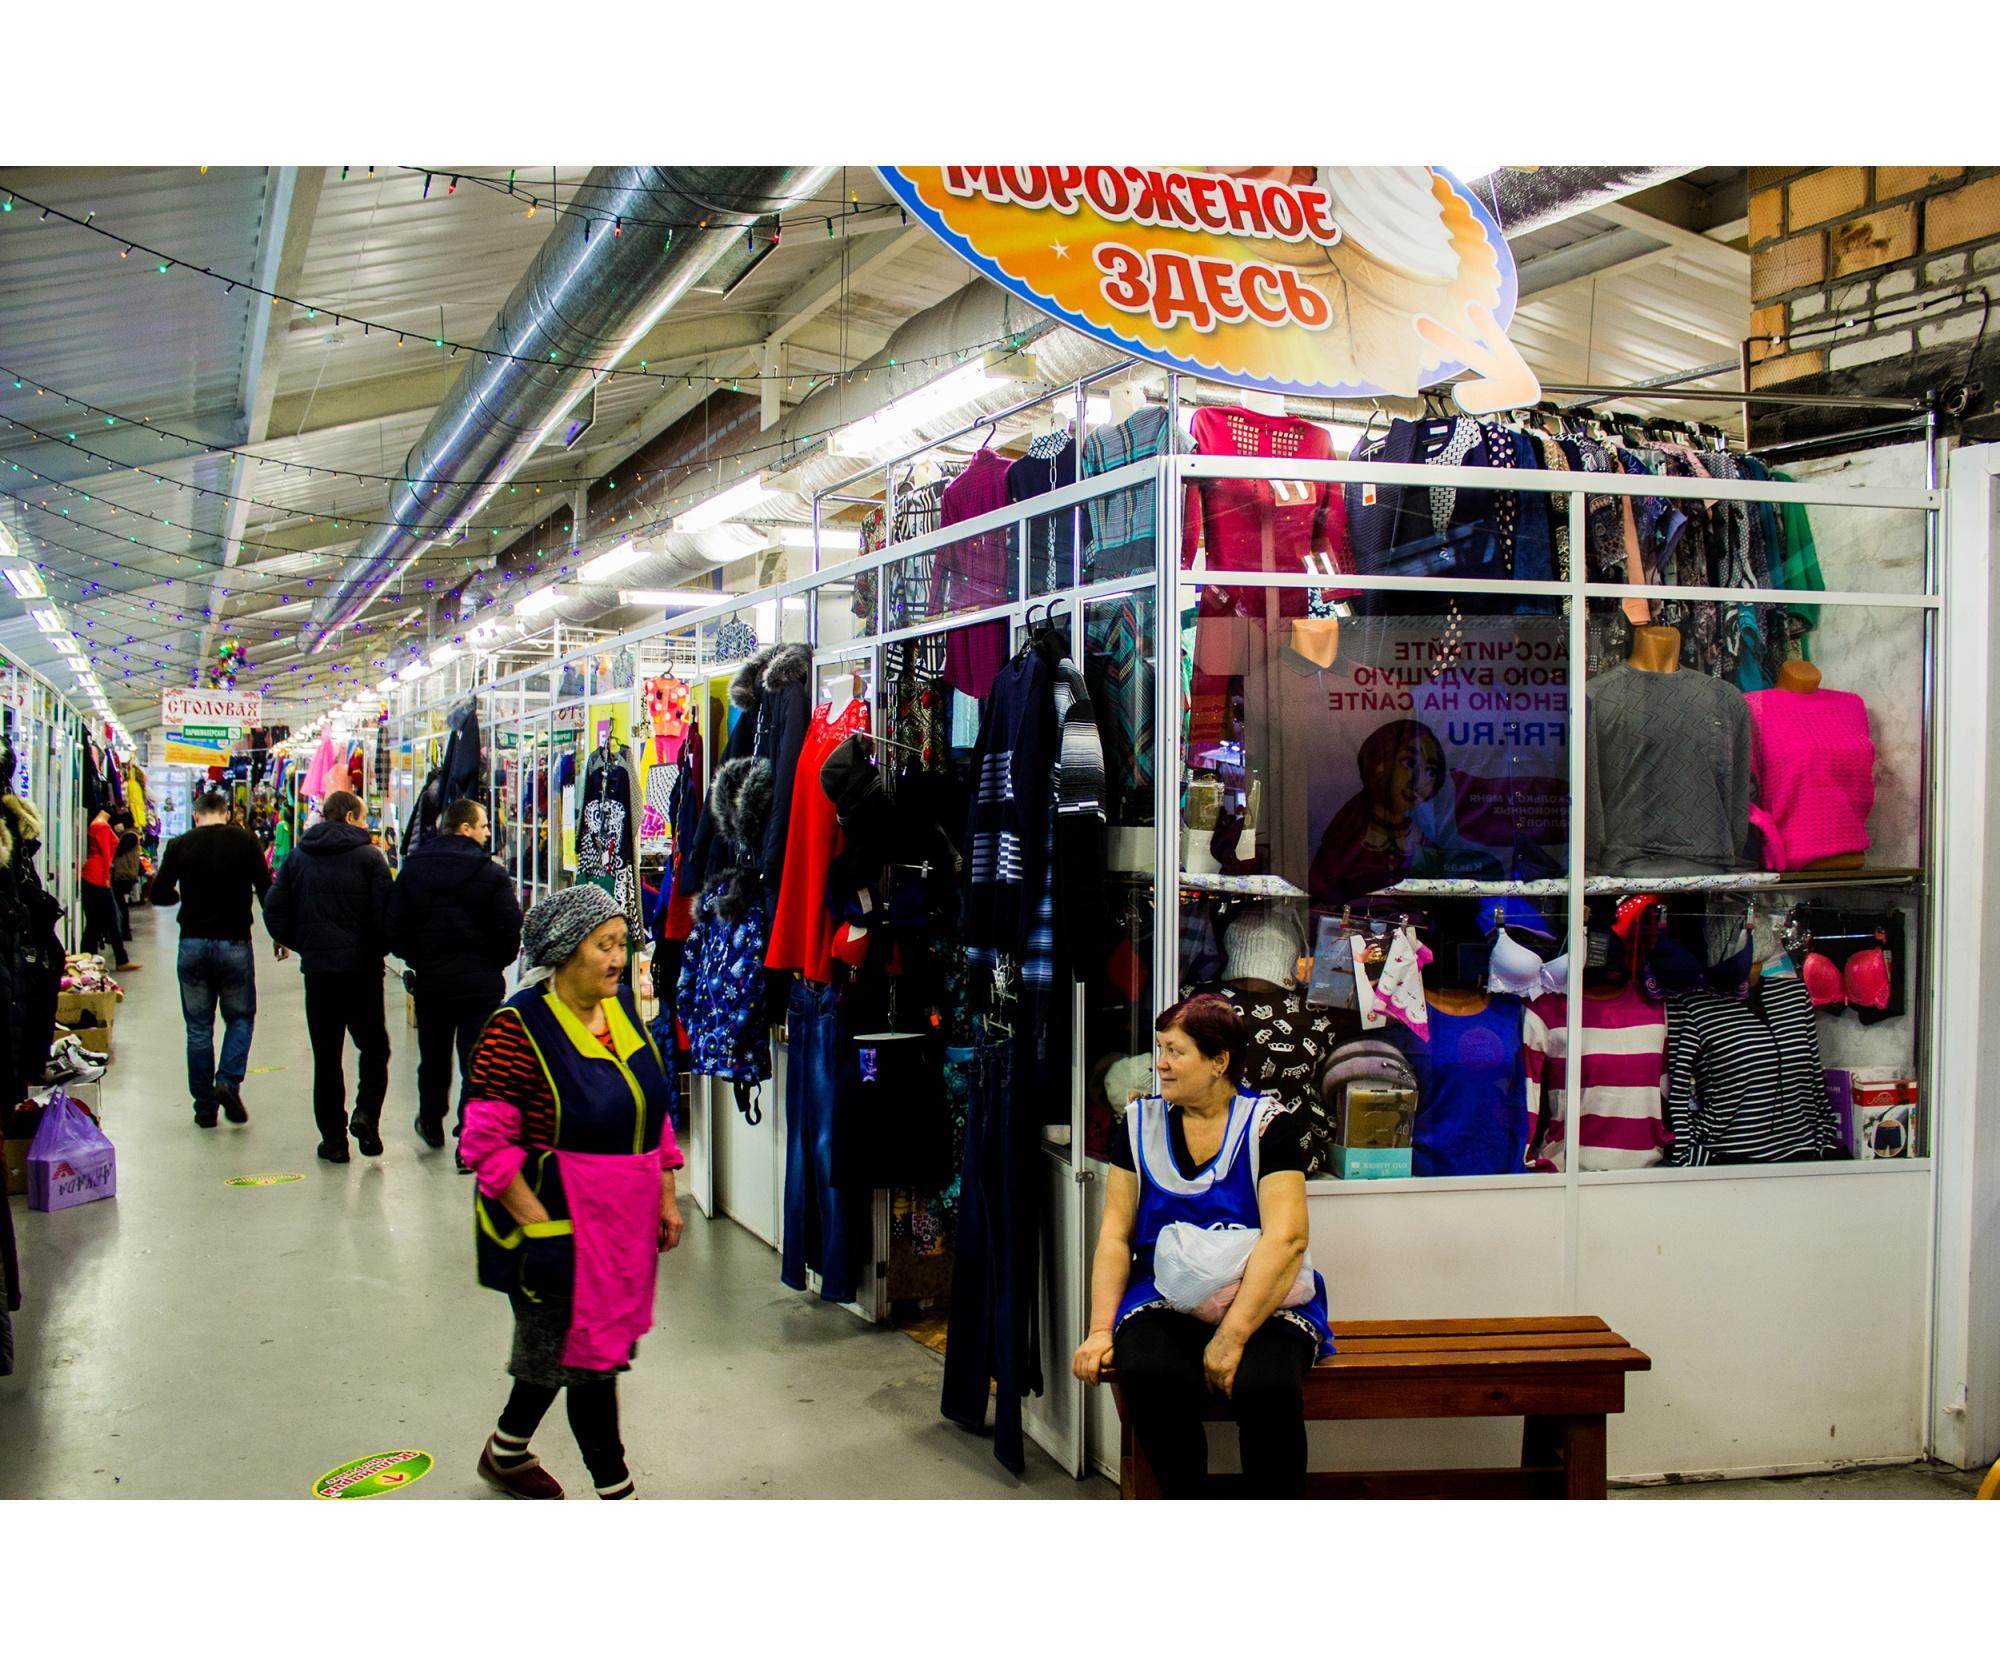 На рынке можно купить всё: шапки, кофты, мясо, салаты, мороженое